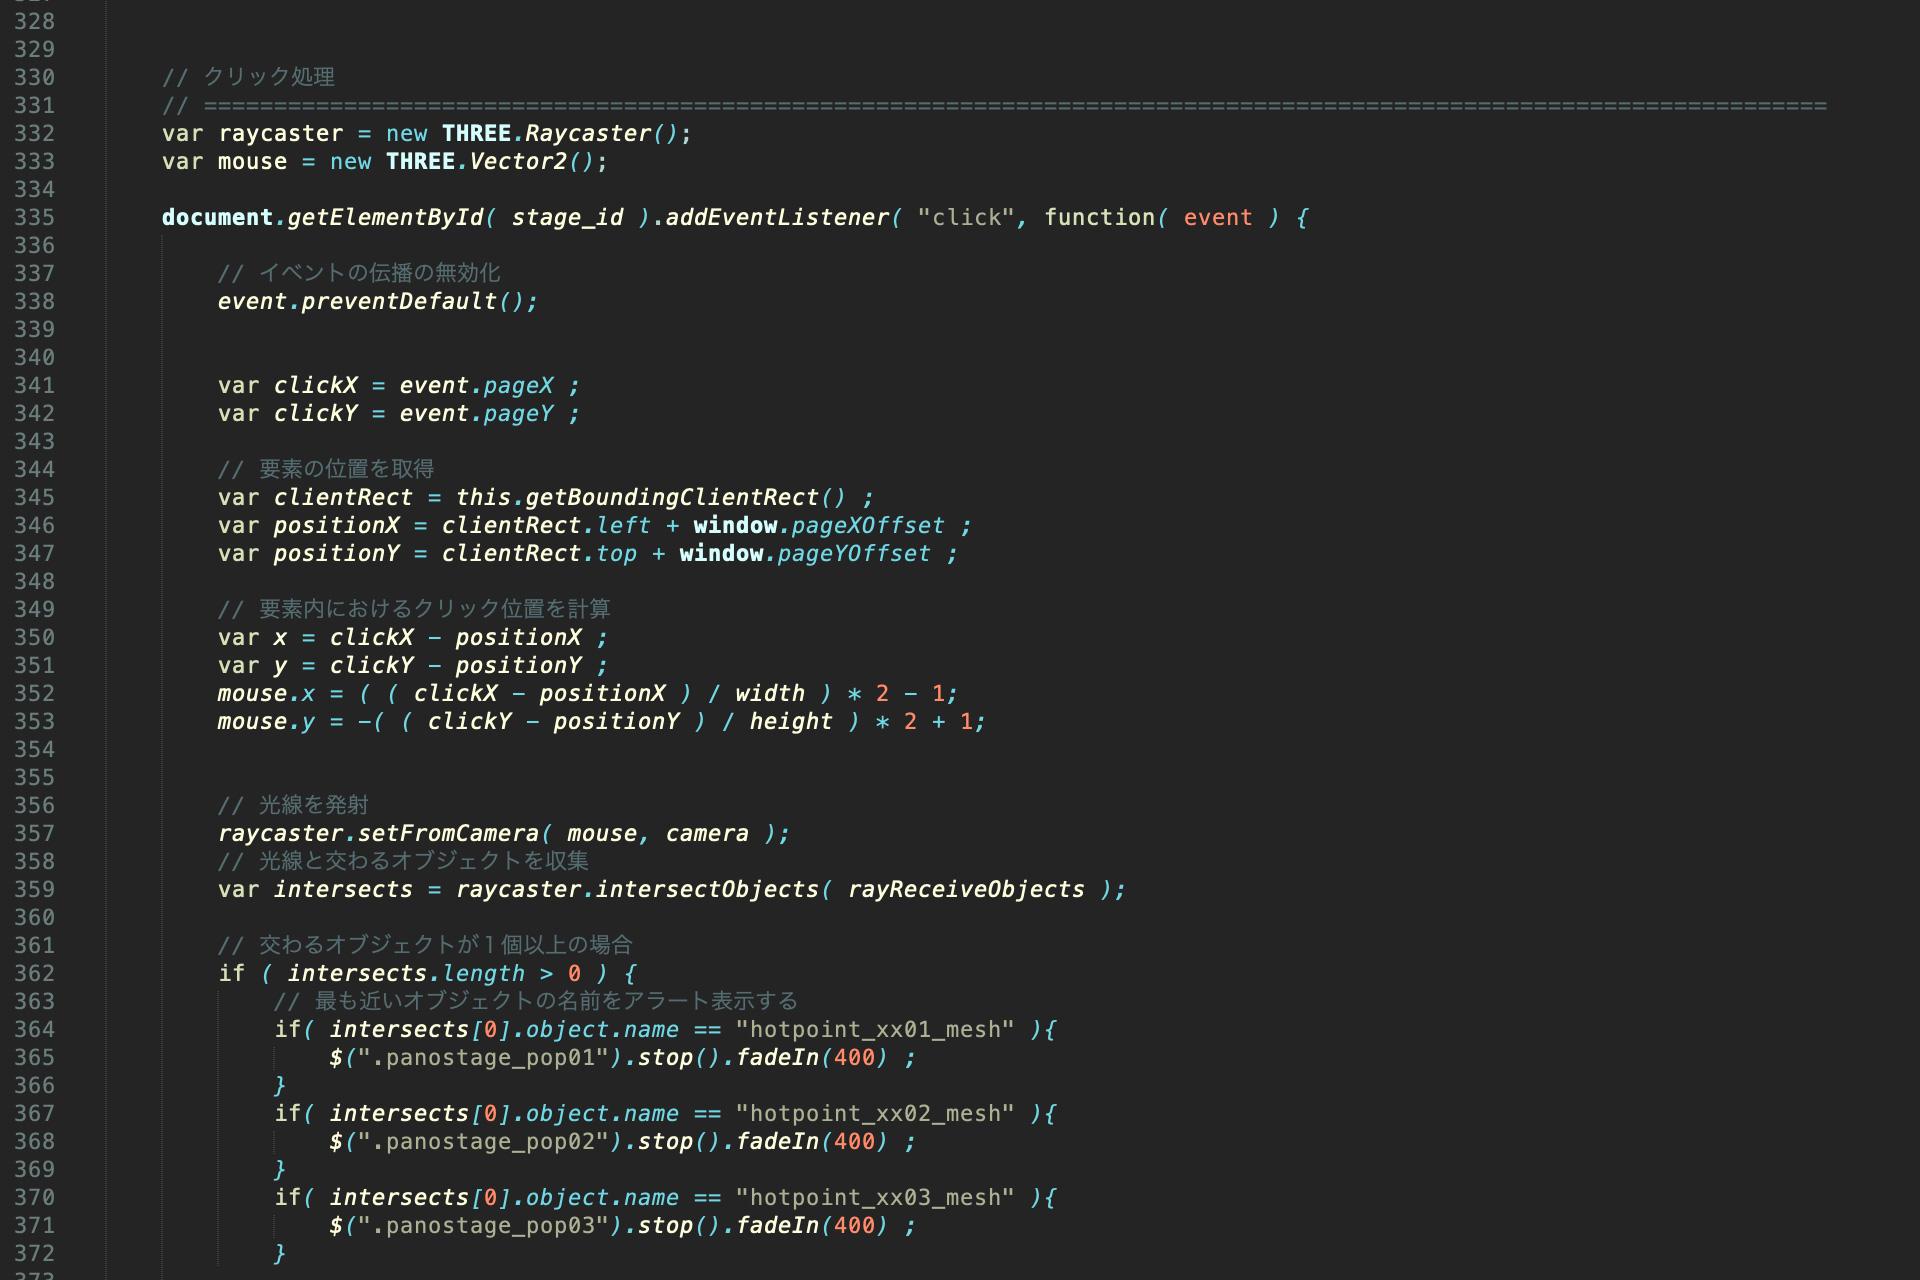 Three.jsのバージョンアップに伴い、ProjectorからRaycasterへ変更を